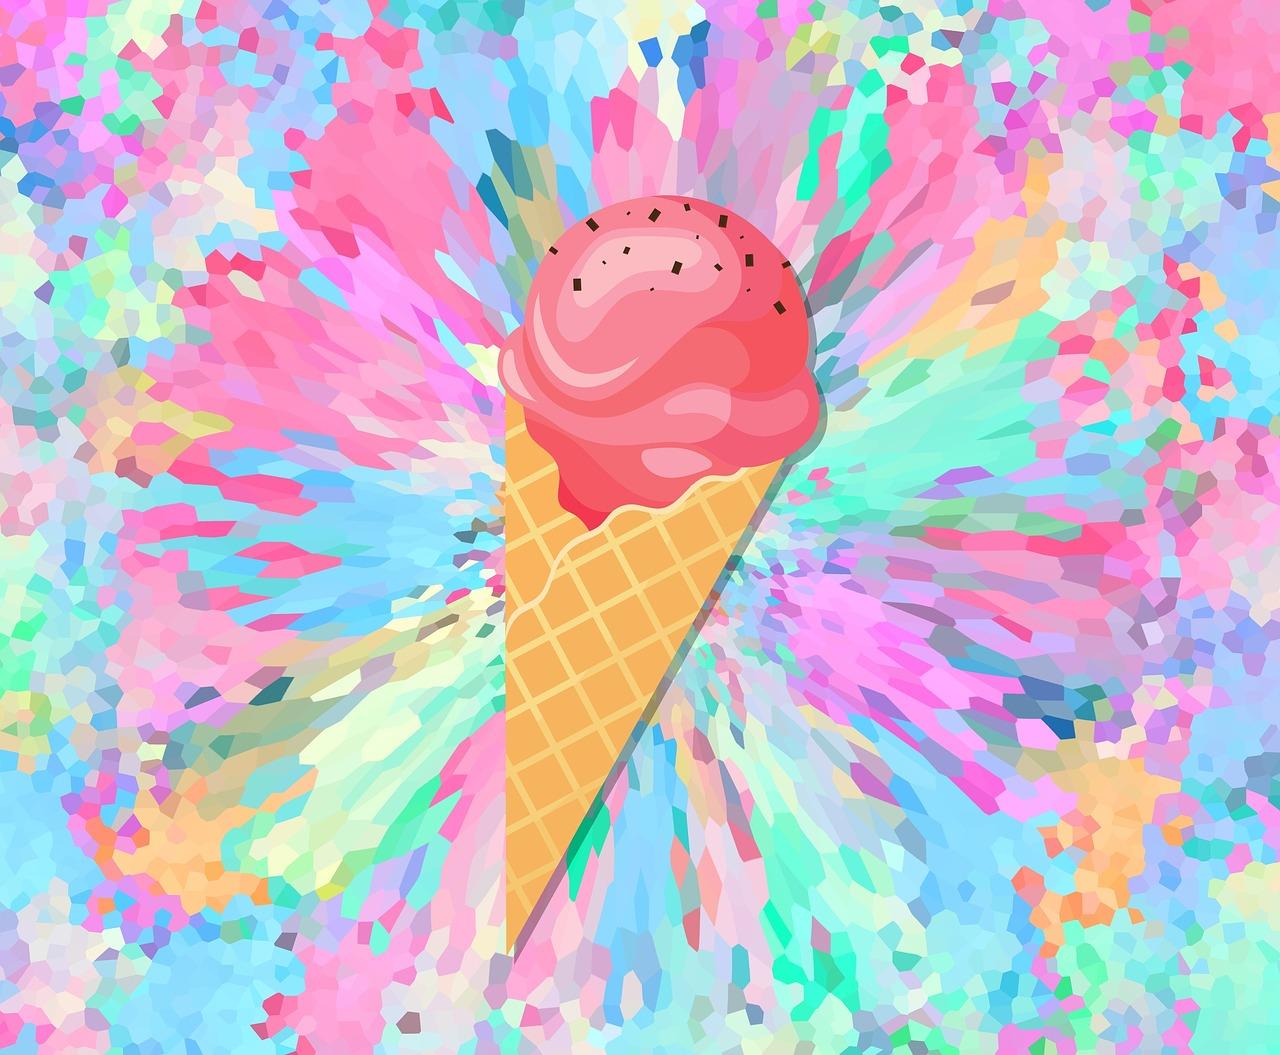 фото мультяшных мороженое перри